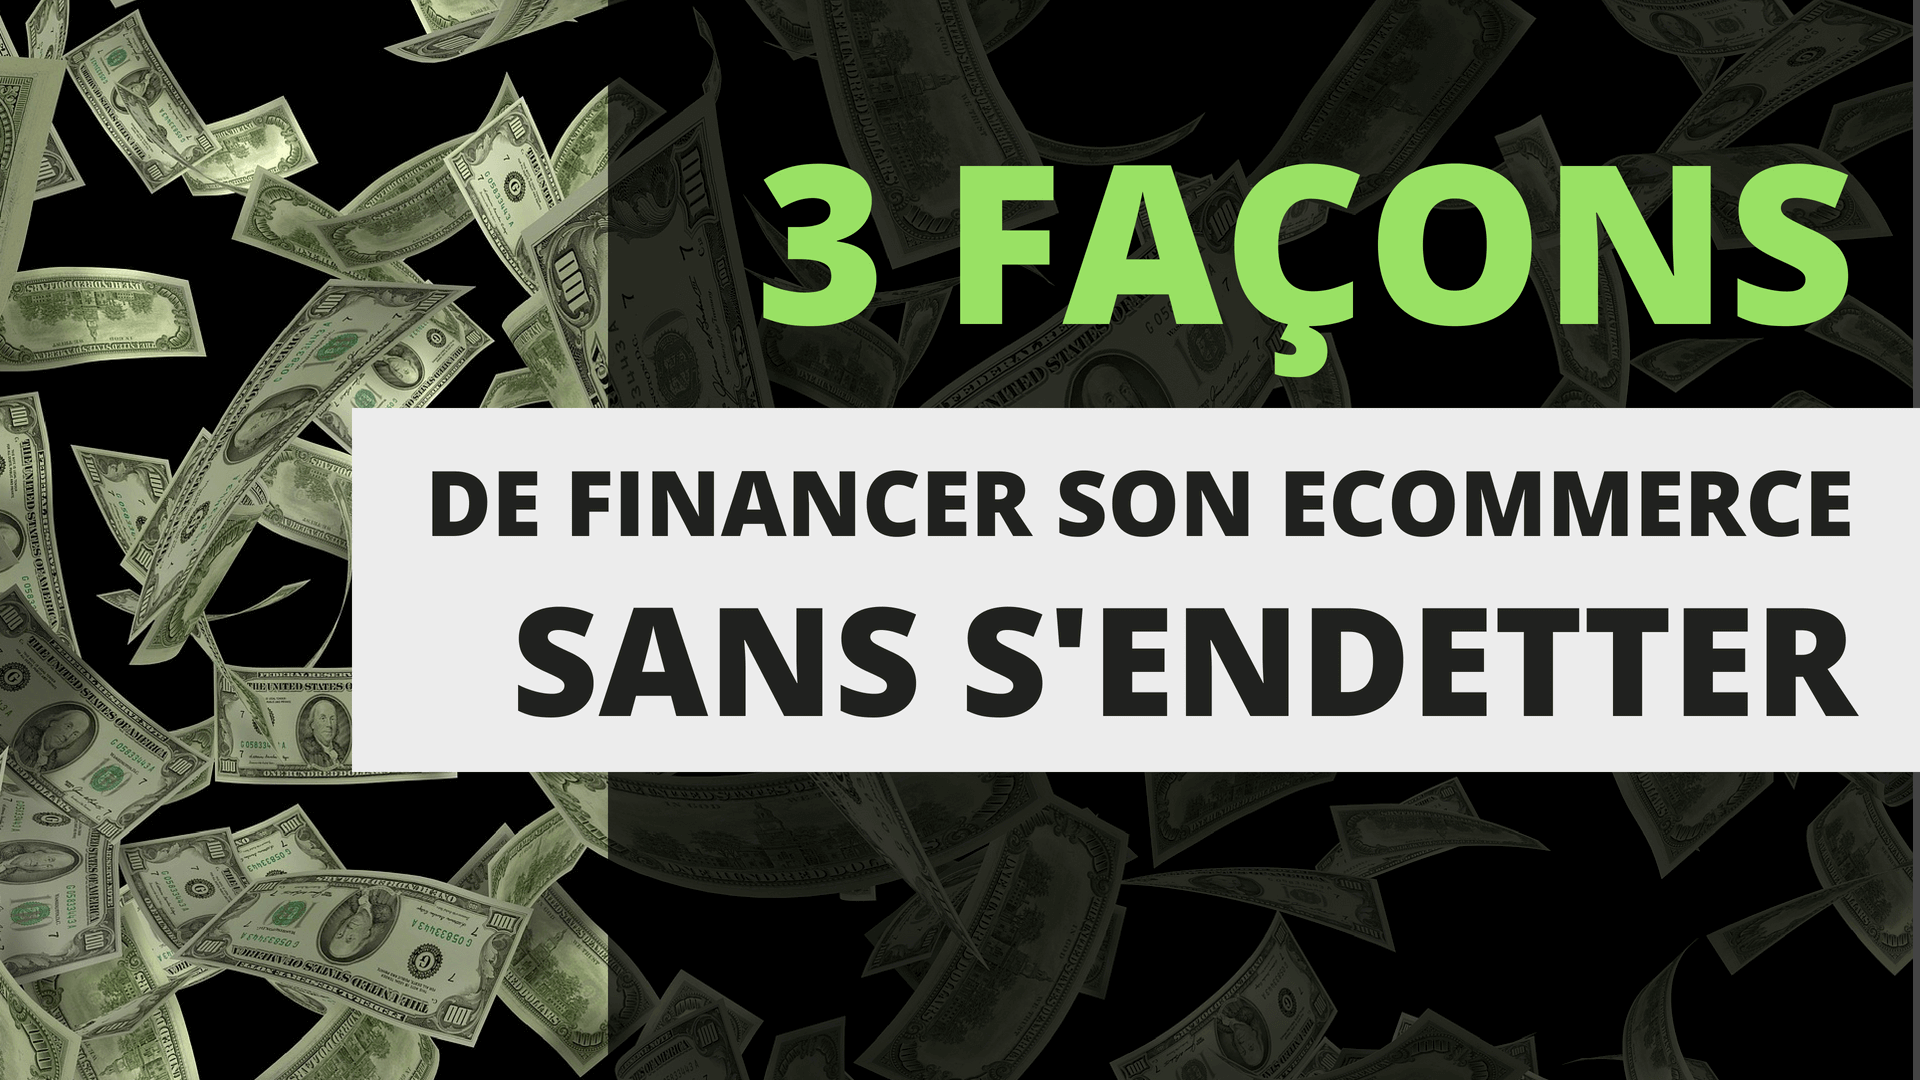 trois façons de financer son ecommerce sans s'endetter